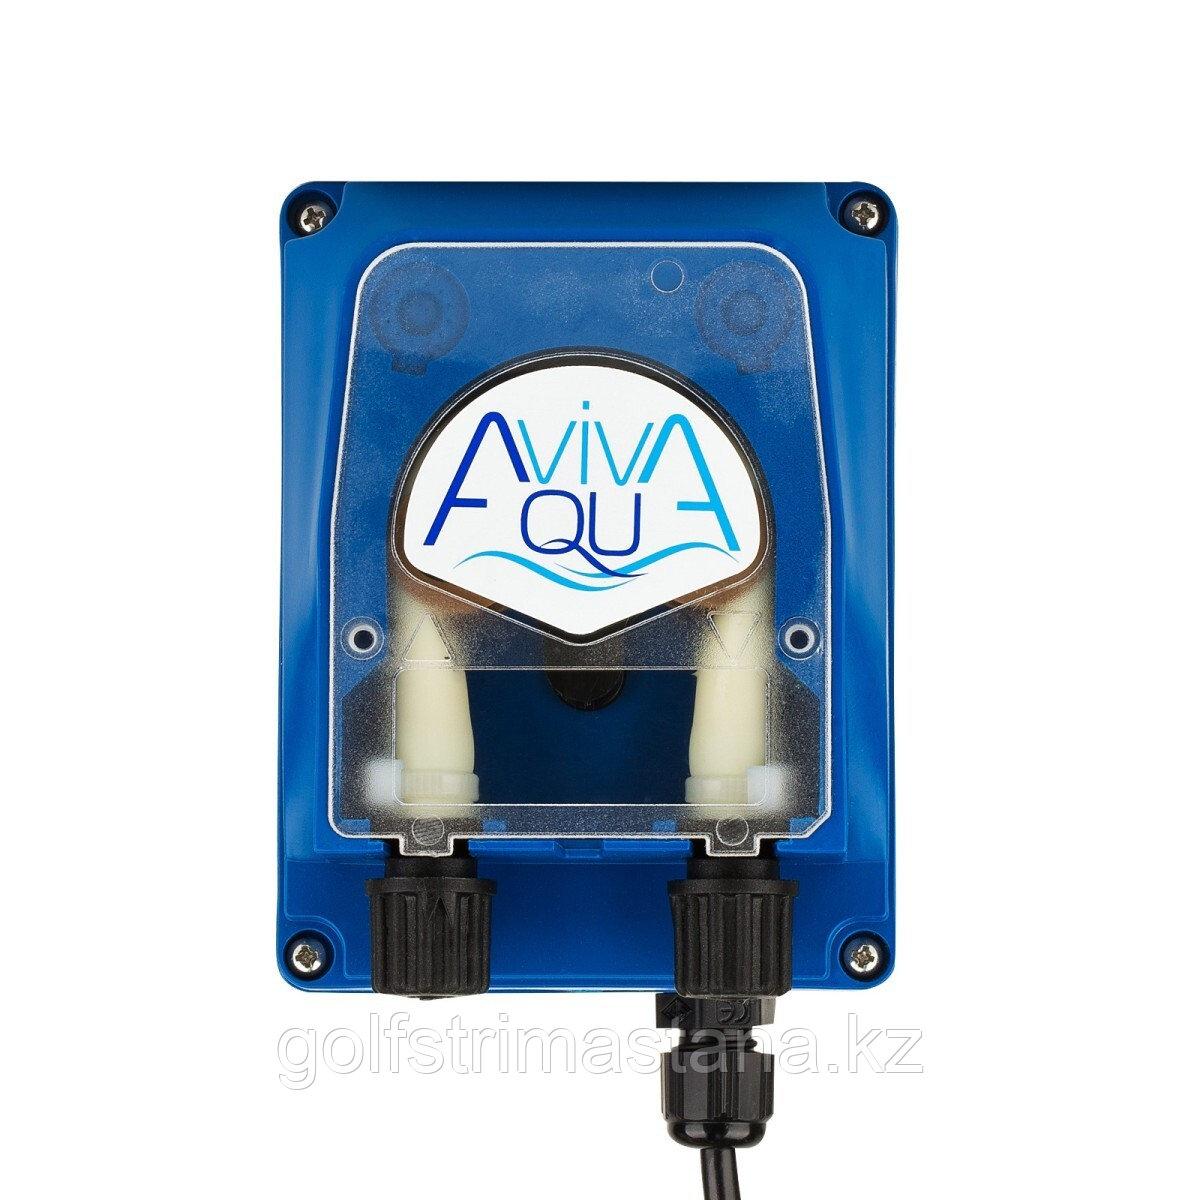 Перистальтический дозирующий насос AquaViva PPE001HA1052_A универсальный / 1,5 л/ч с постоян. скоростью